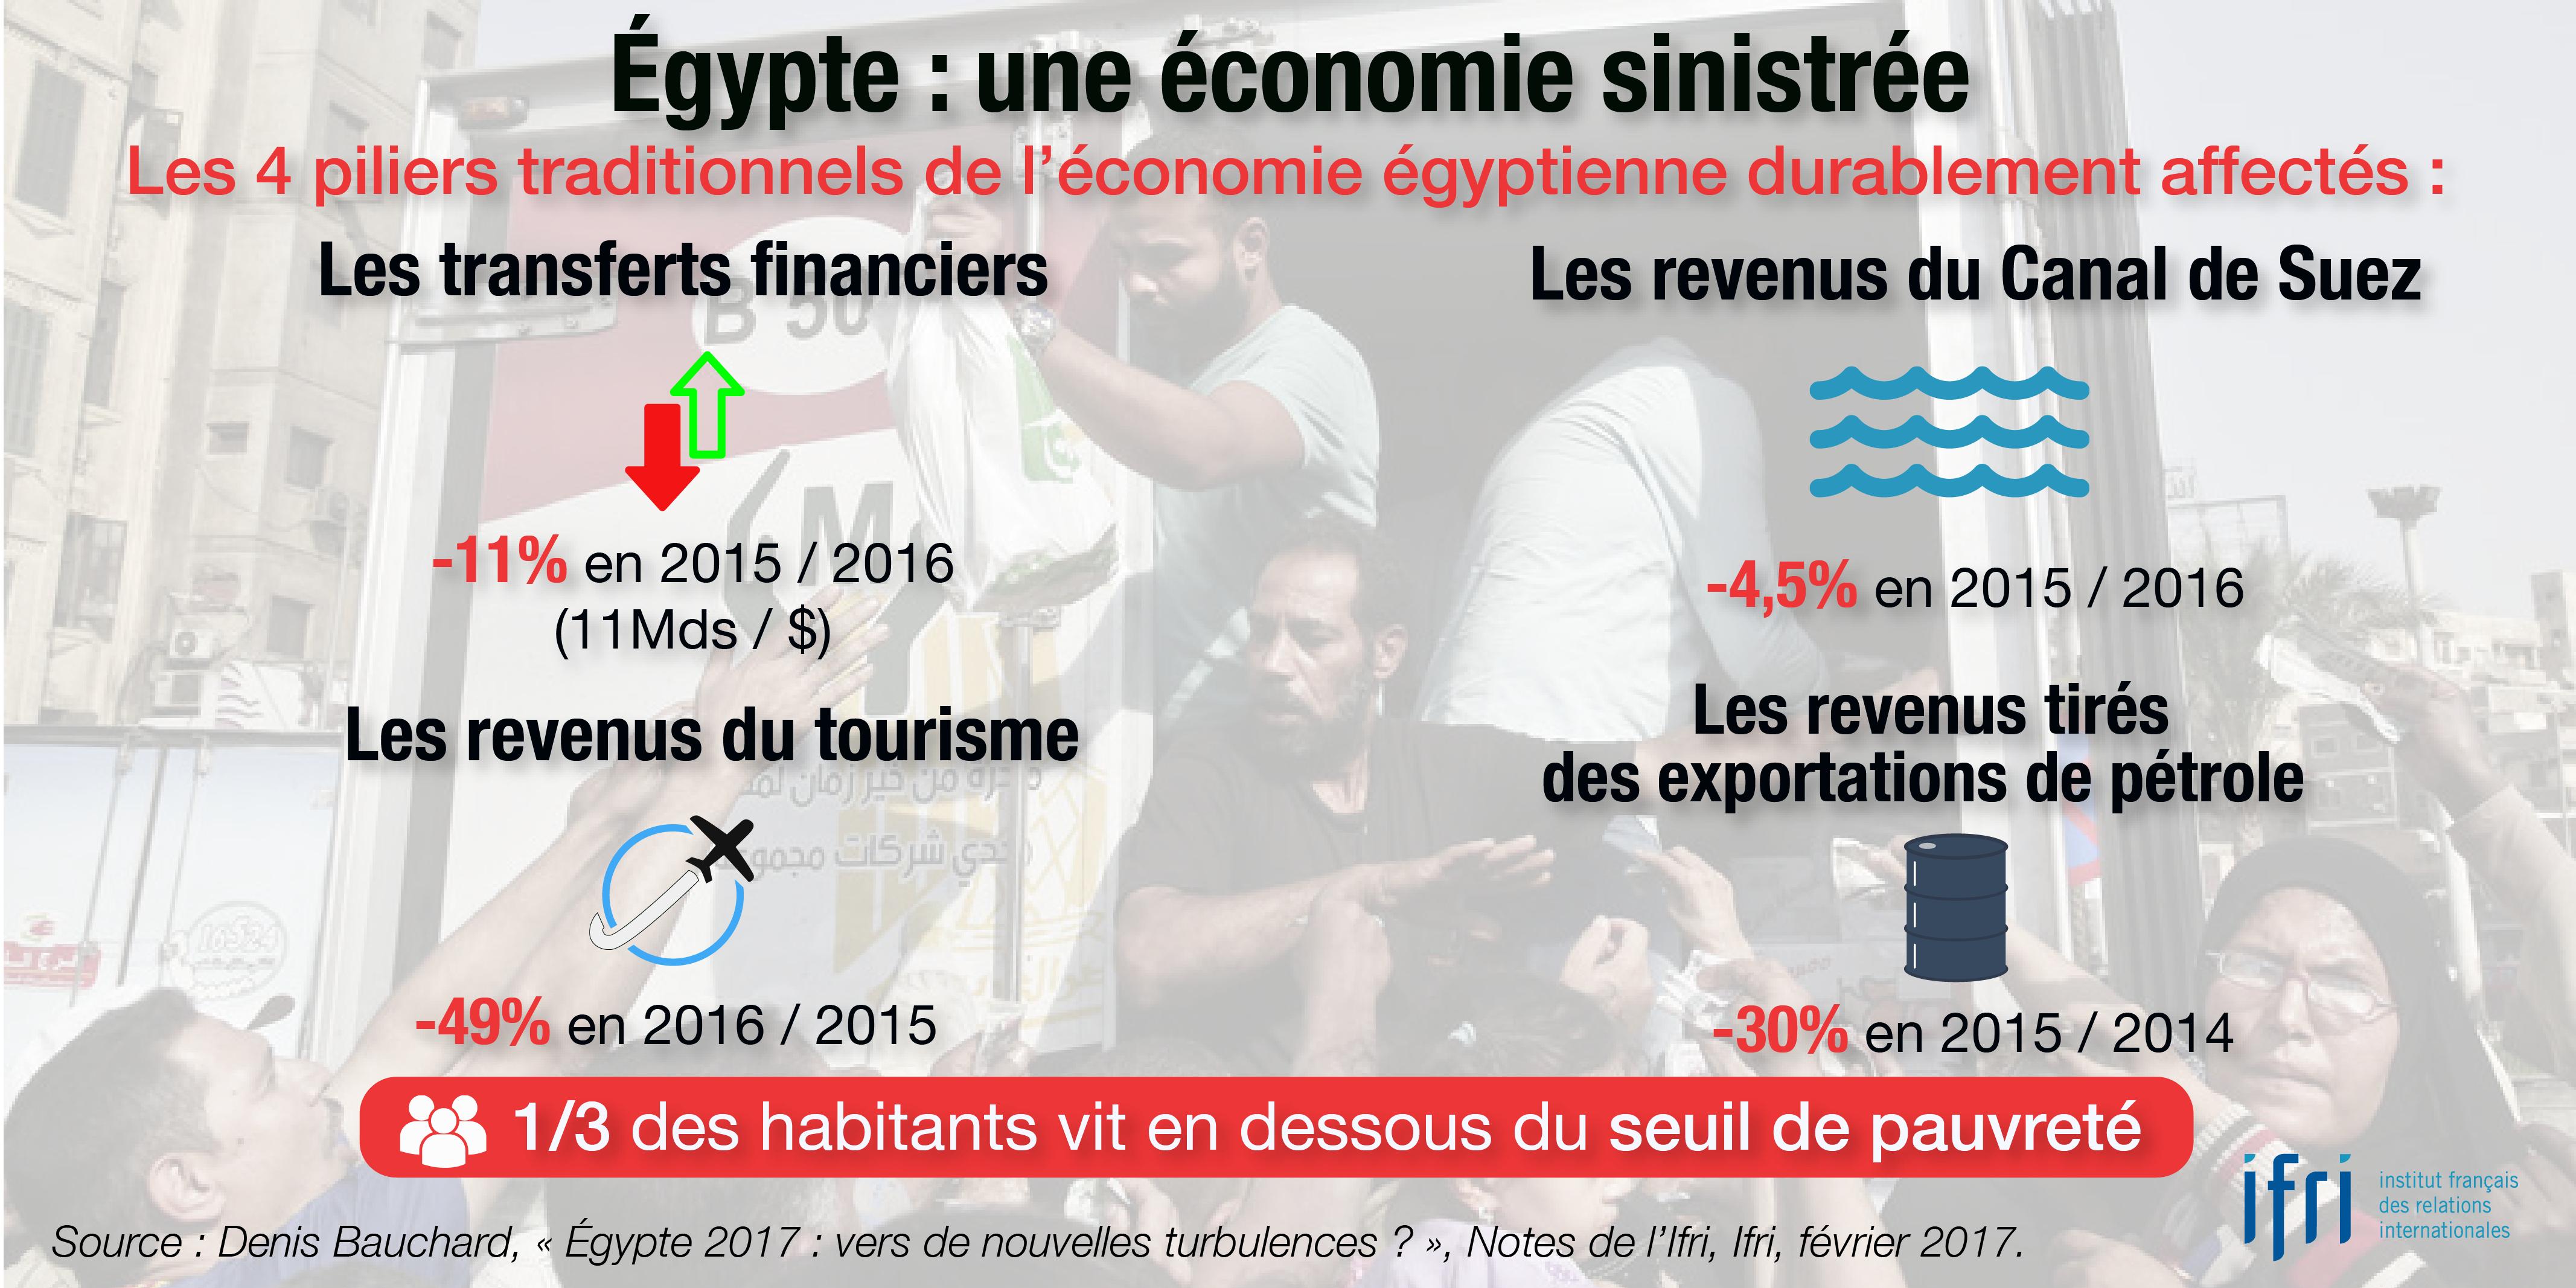 Egypte : une économie sinistrée